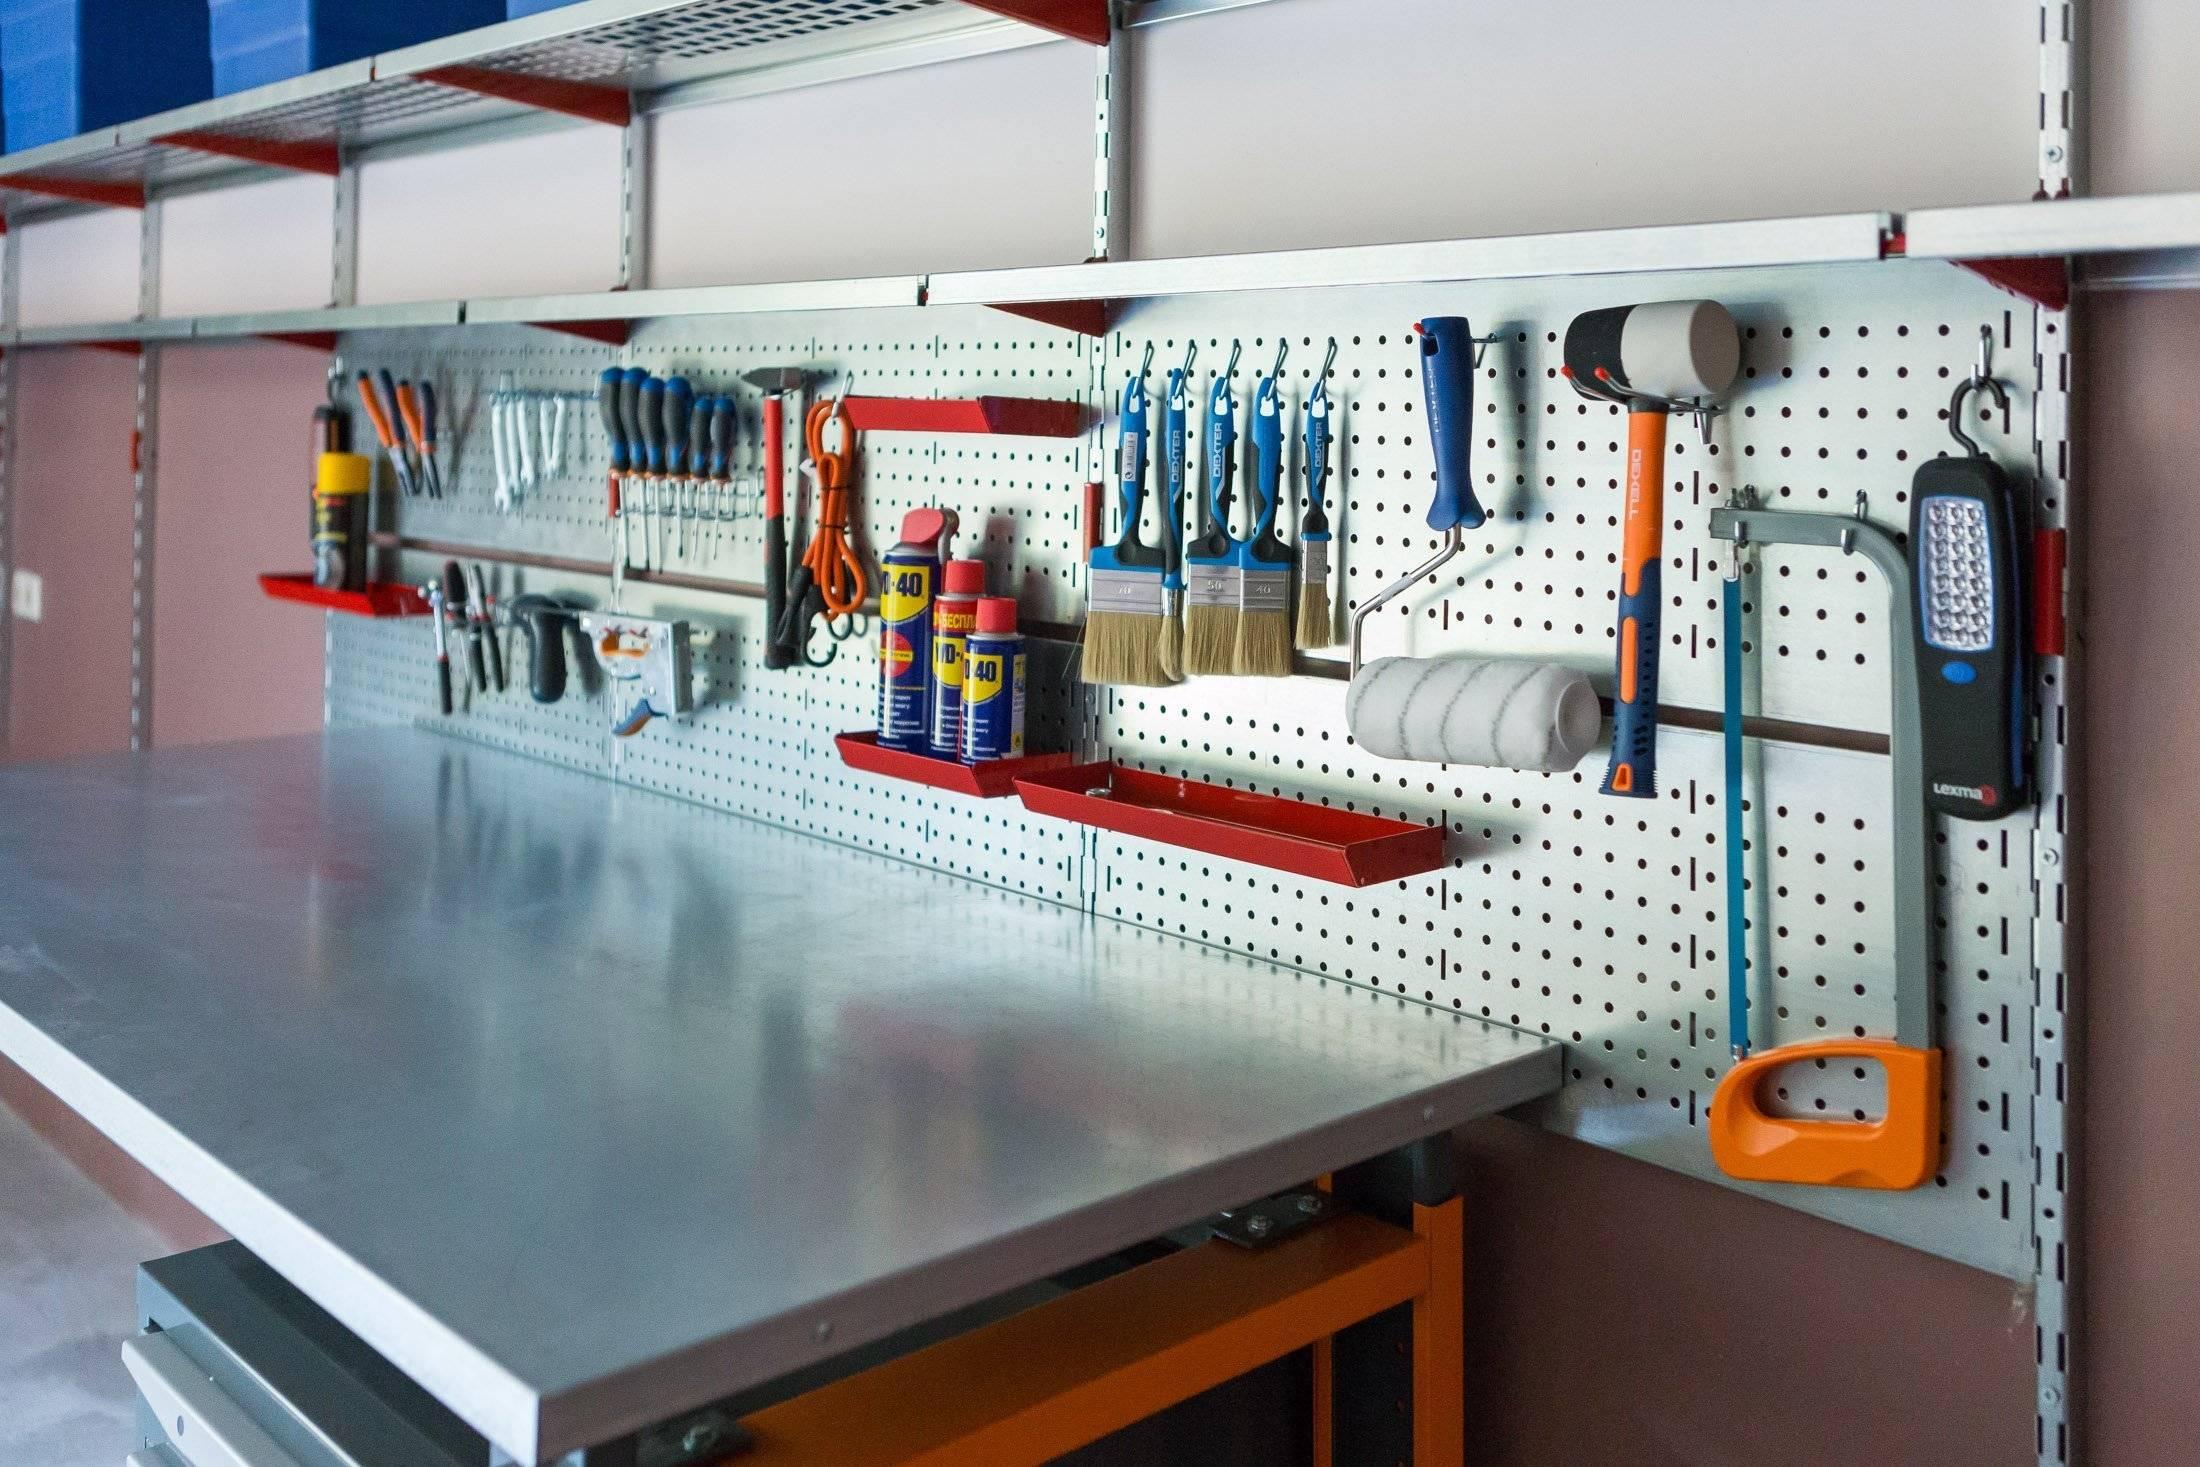 Как обустроить гараж своими руками — лучшие решения чтоб реализовать свою идею в реальность! (фото и видео)